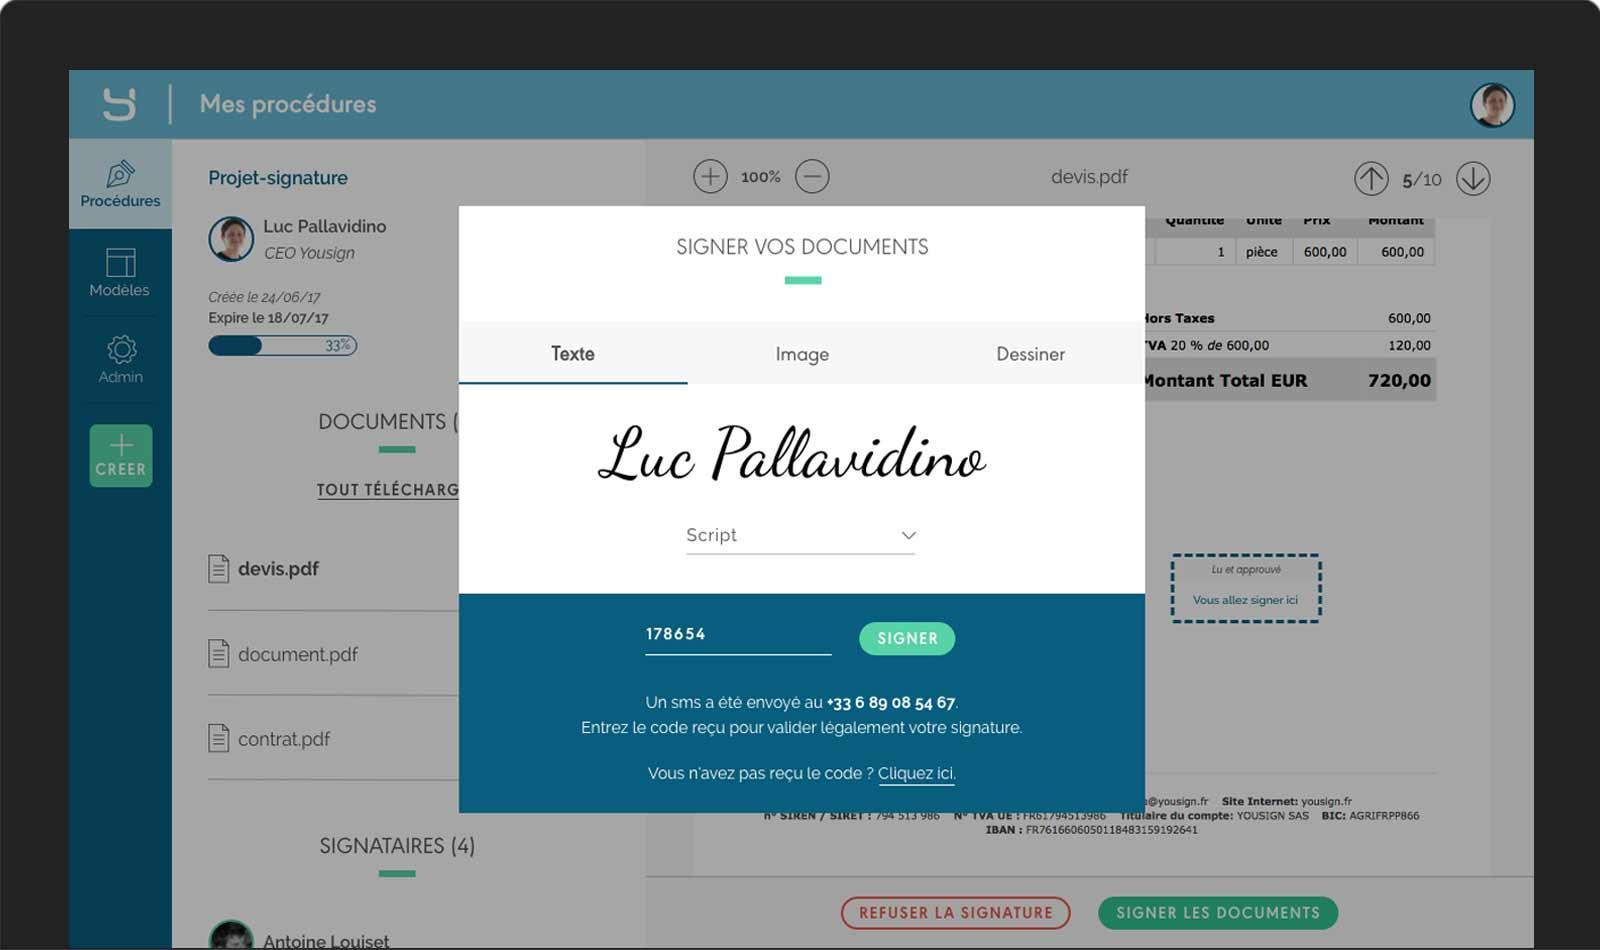 Dématérialisation des contrats et signature électronique Yousign